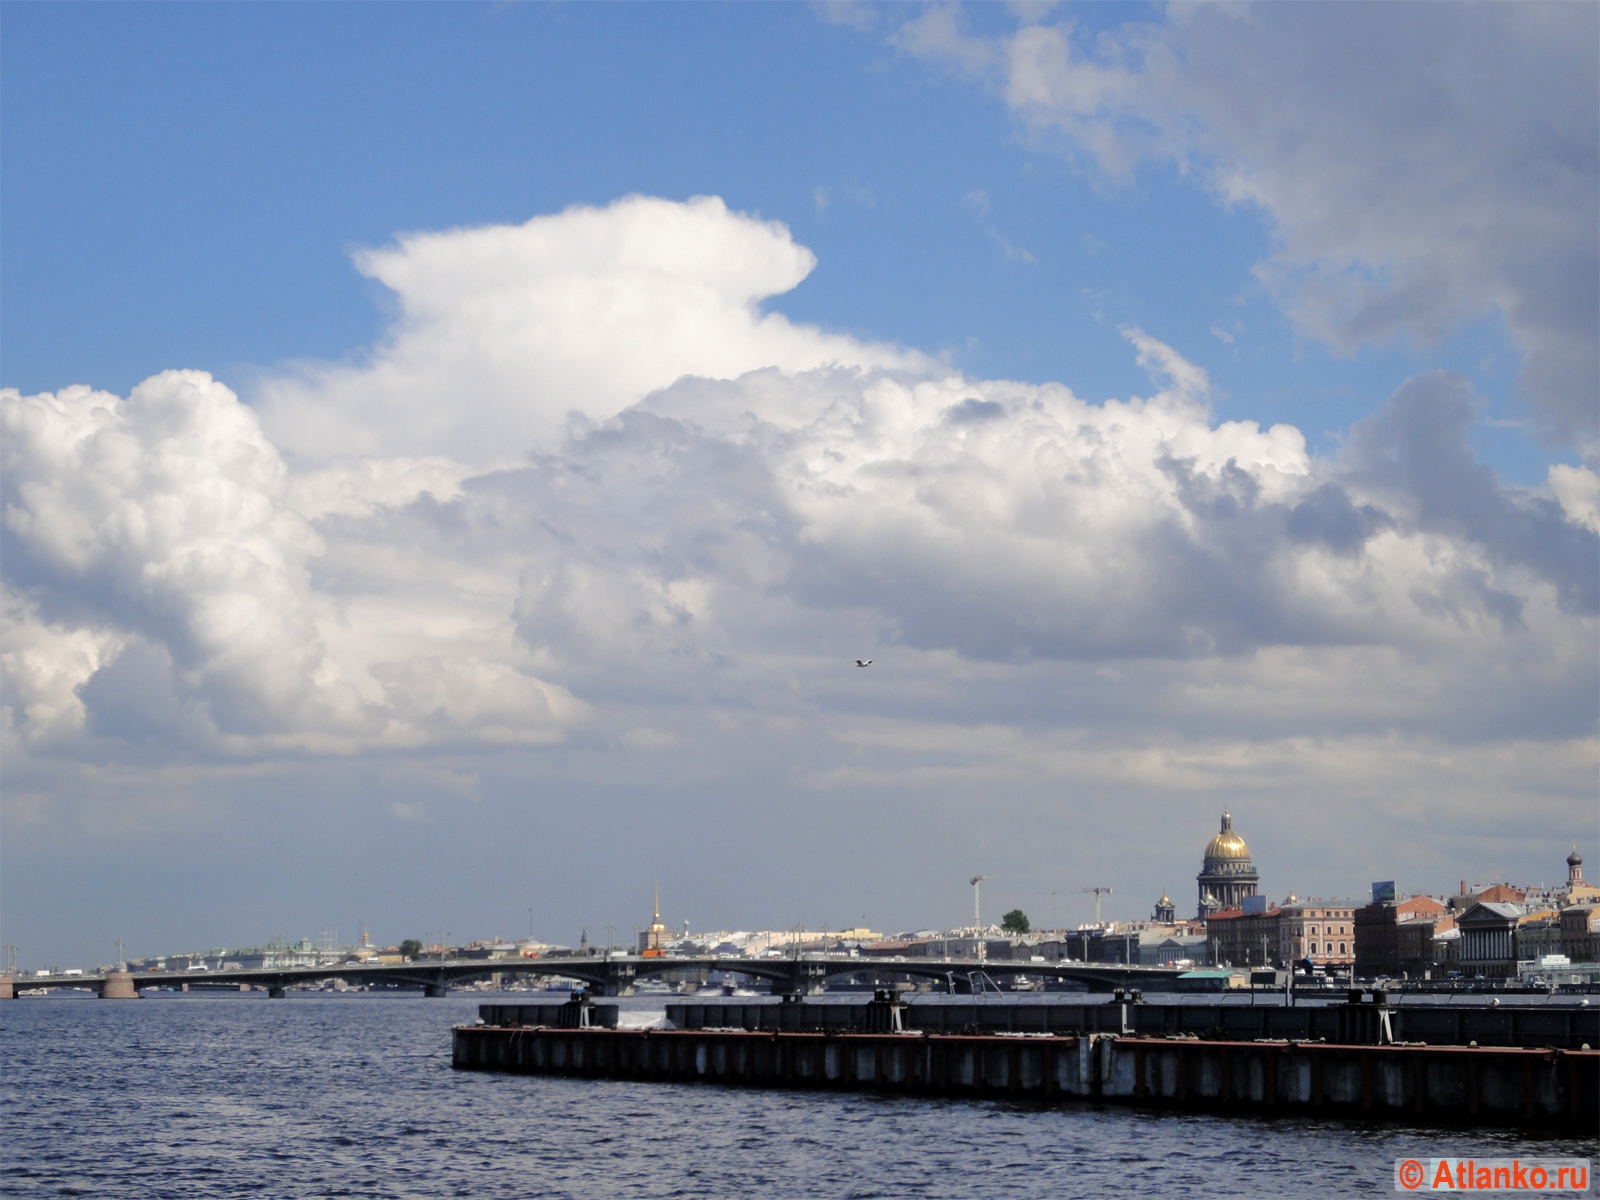 Река Нева и облака. Вид на Благовещенский мост и Исаакиевский собор. Санкт-Петербург. Фотография